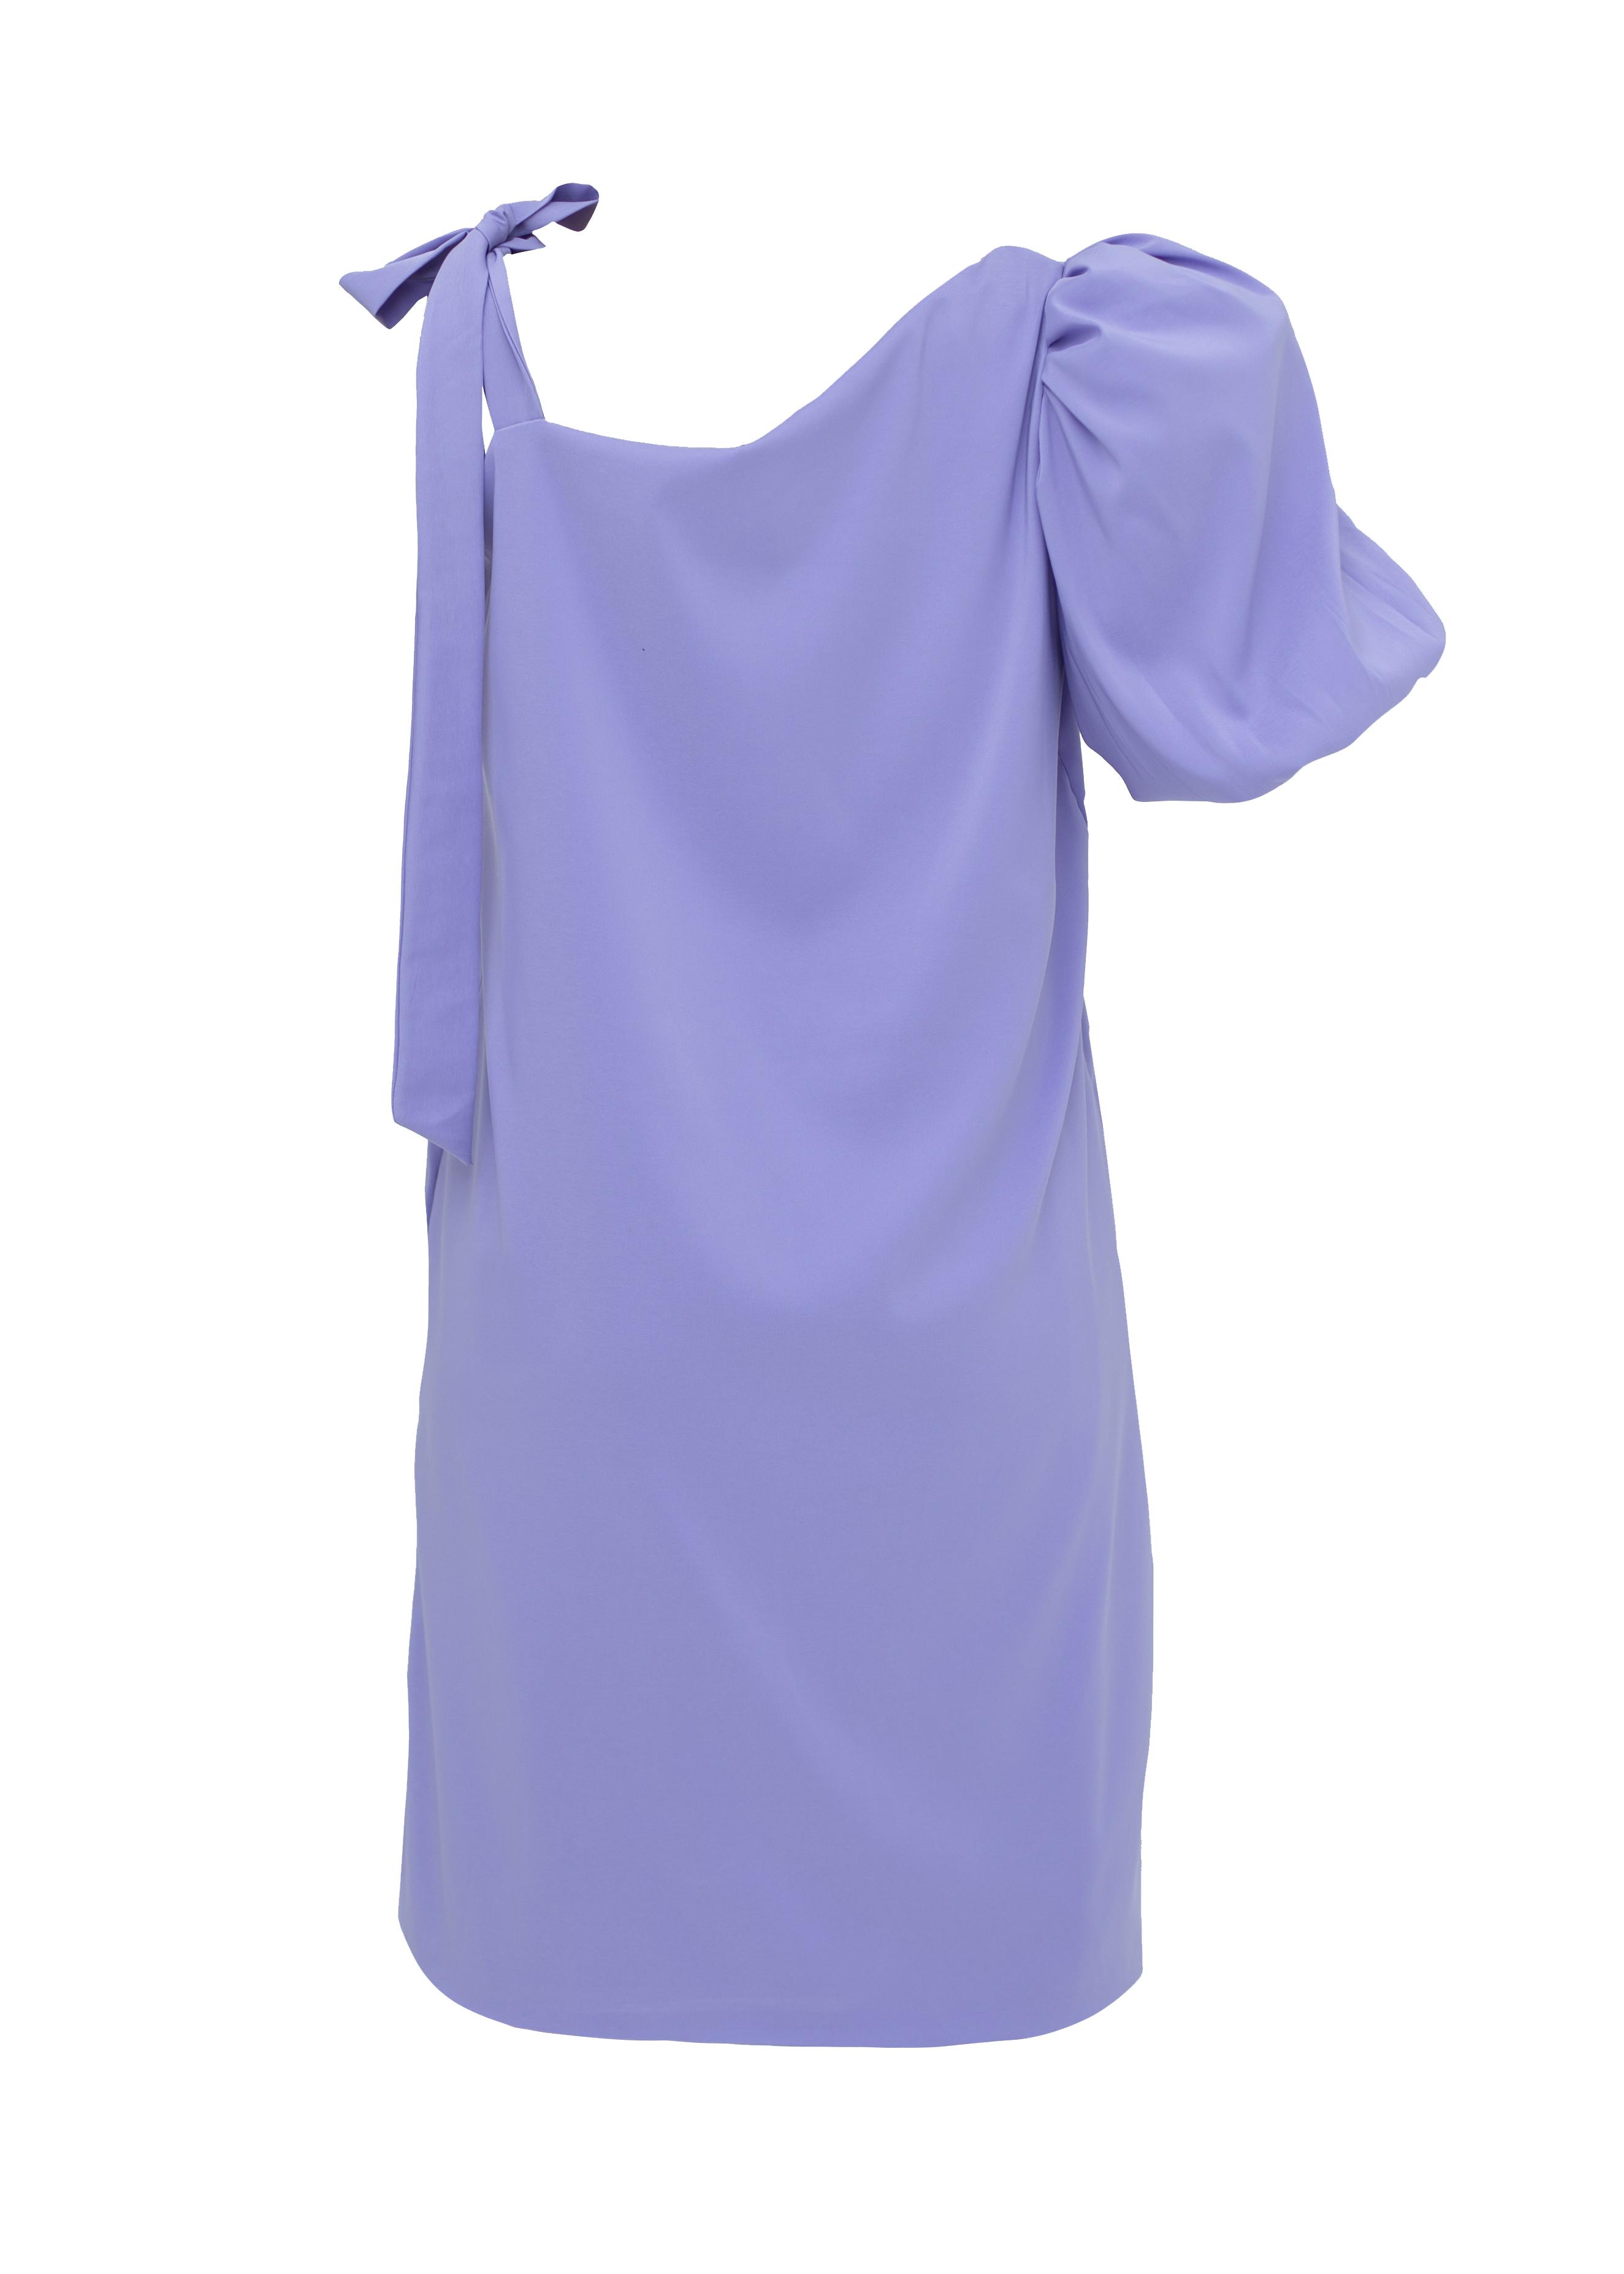 Moraine Dress by Concepción Miranda on curated-crowd.com